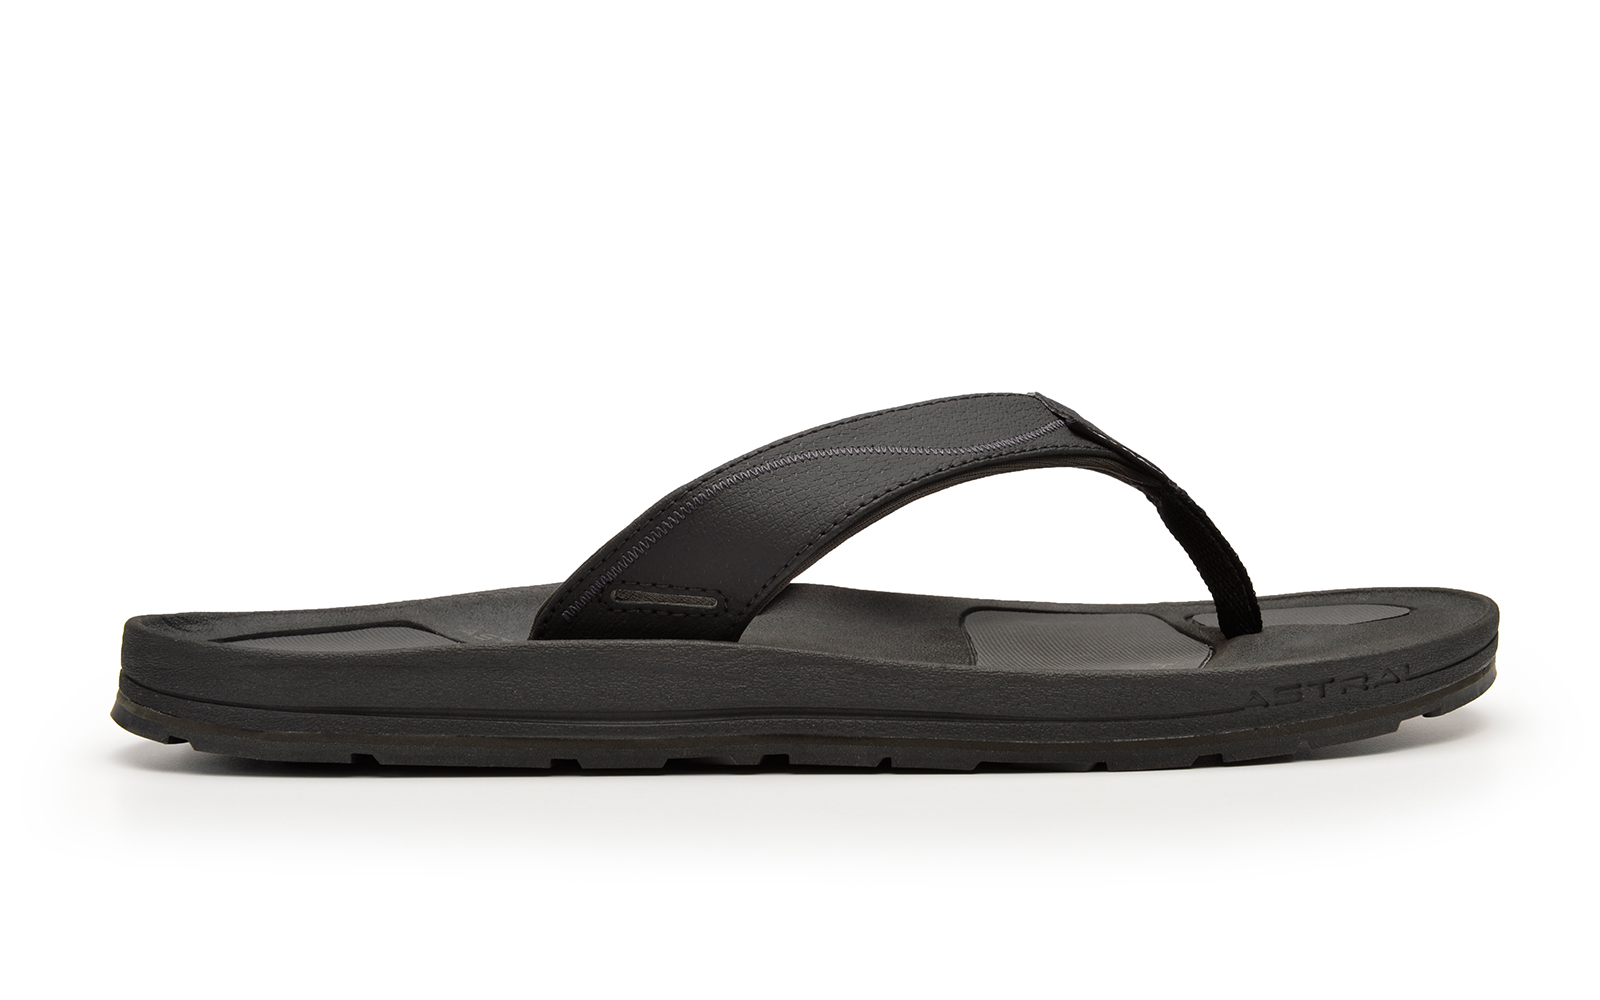 763109971ecd Footwear · Mens · Filipe. Filipe. Filipe